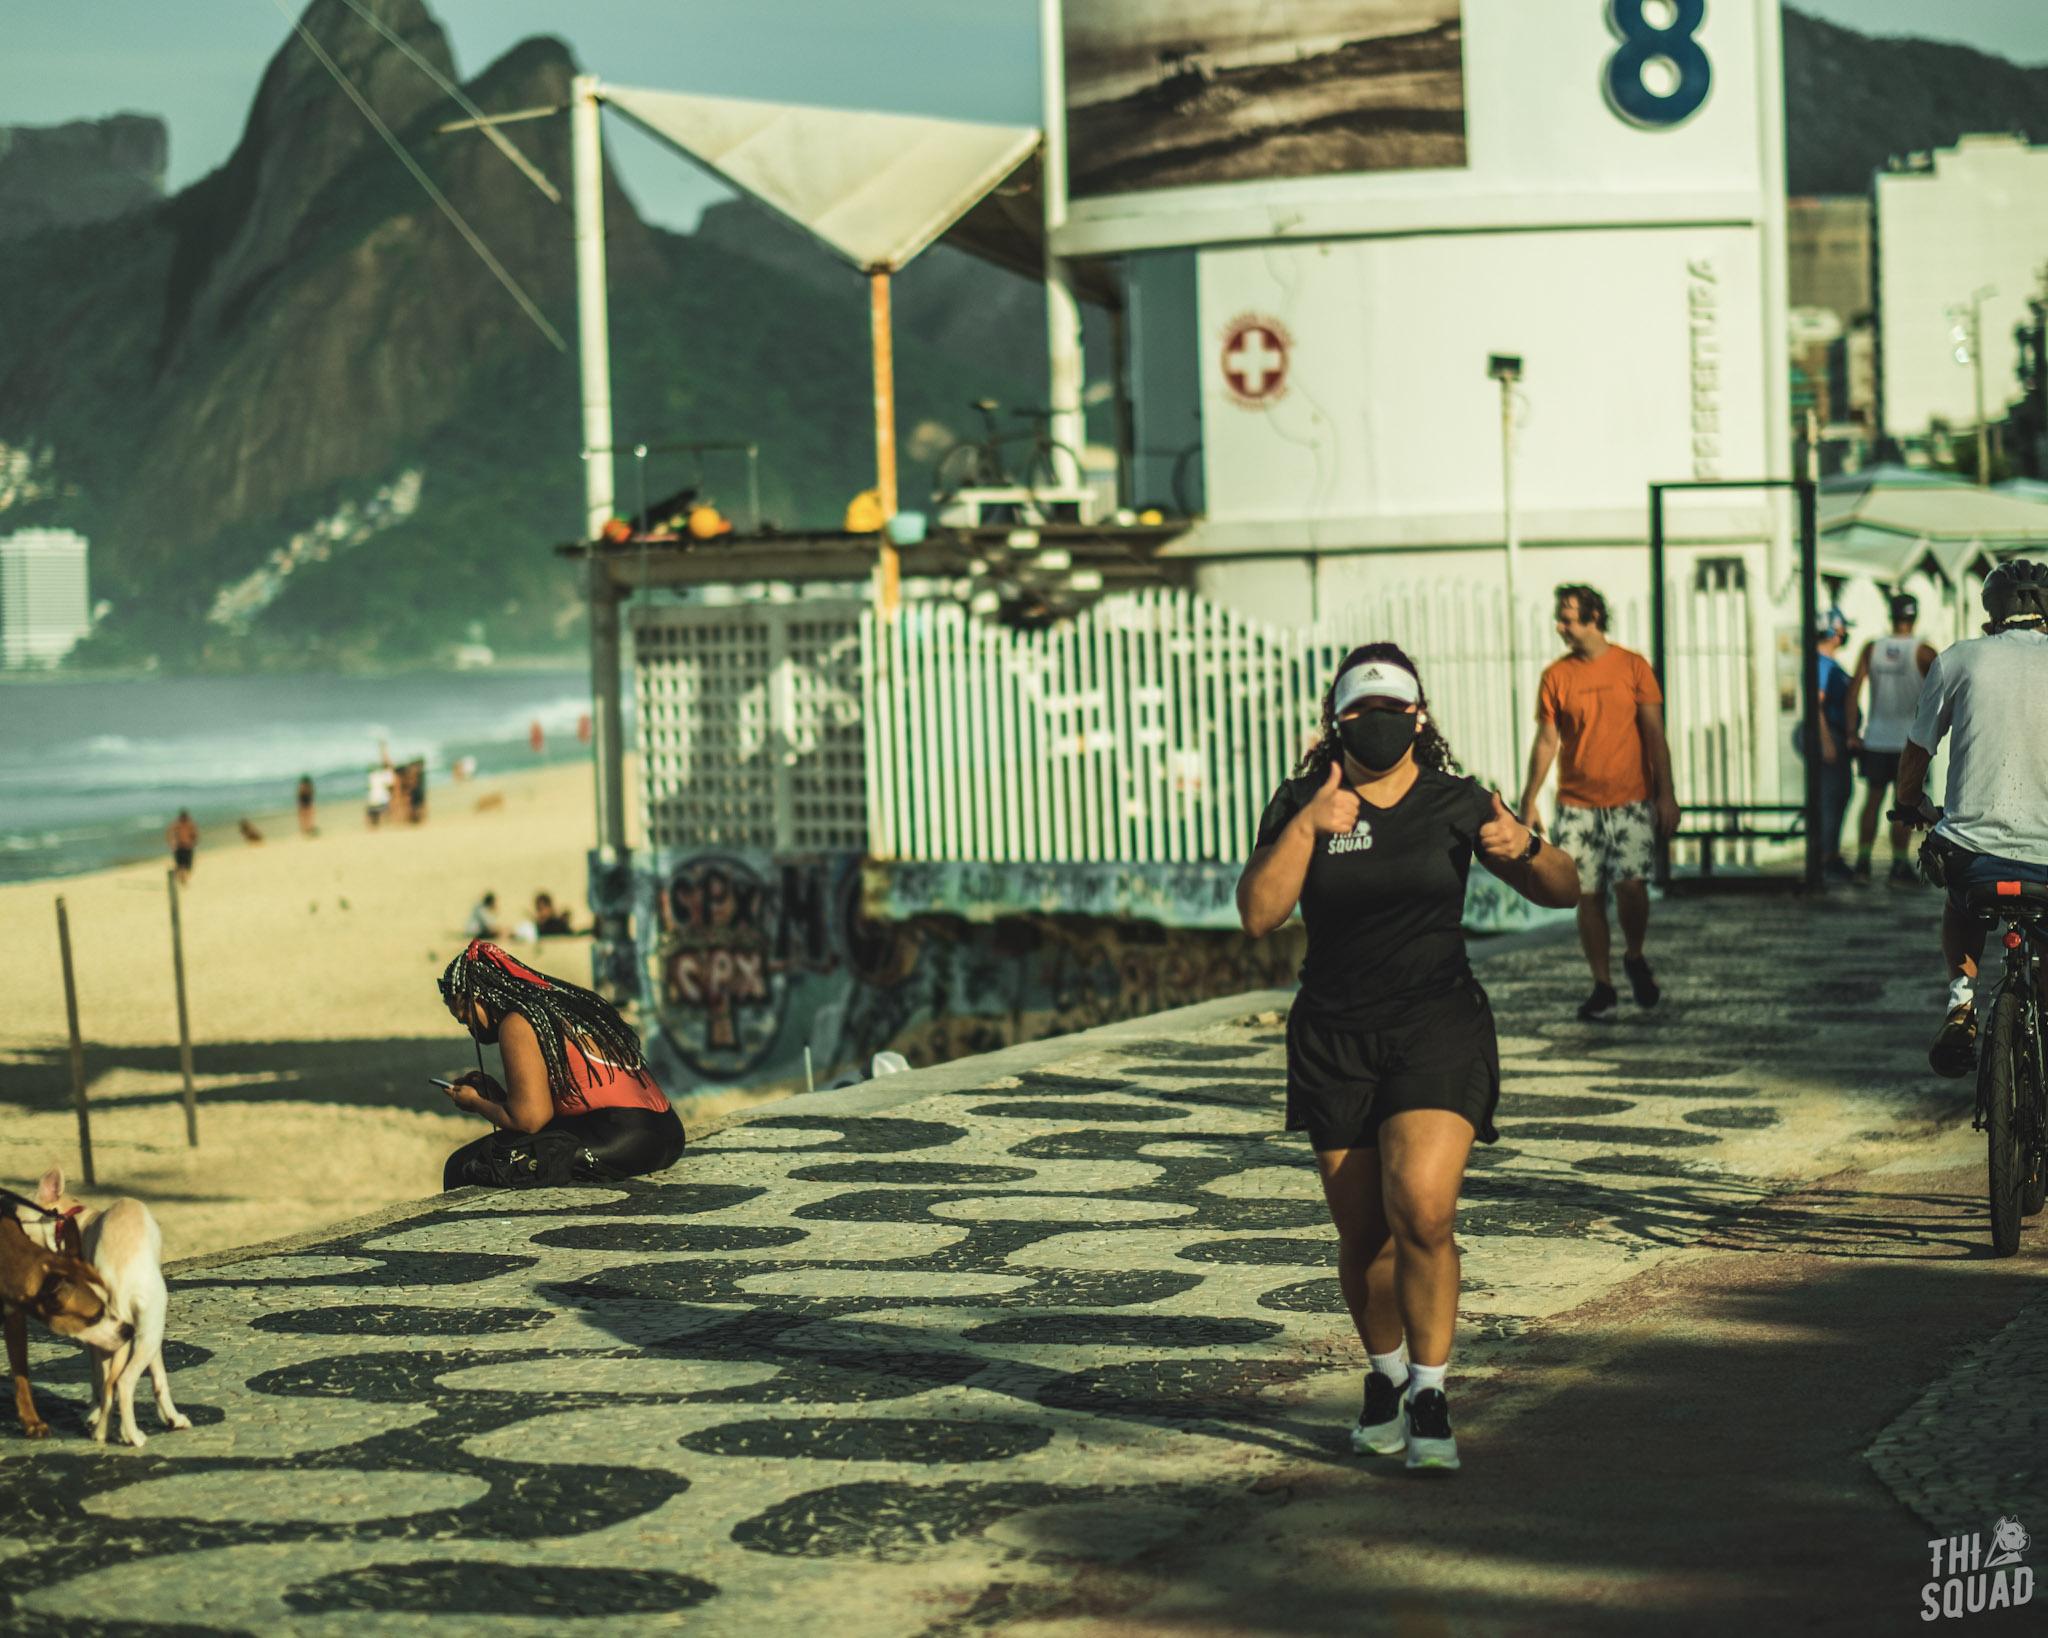 Descansar pós um treino intenso de corrida.